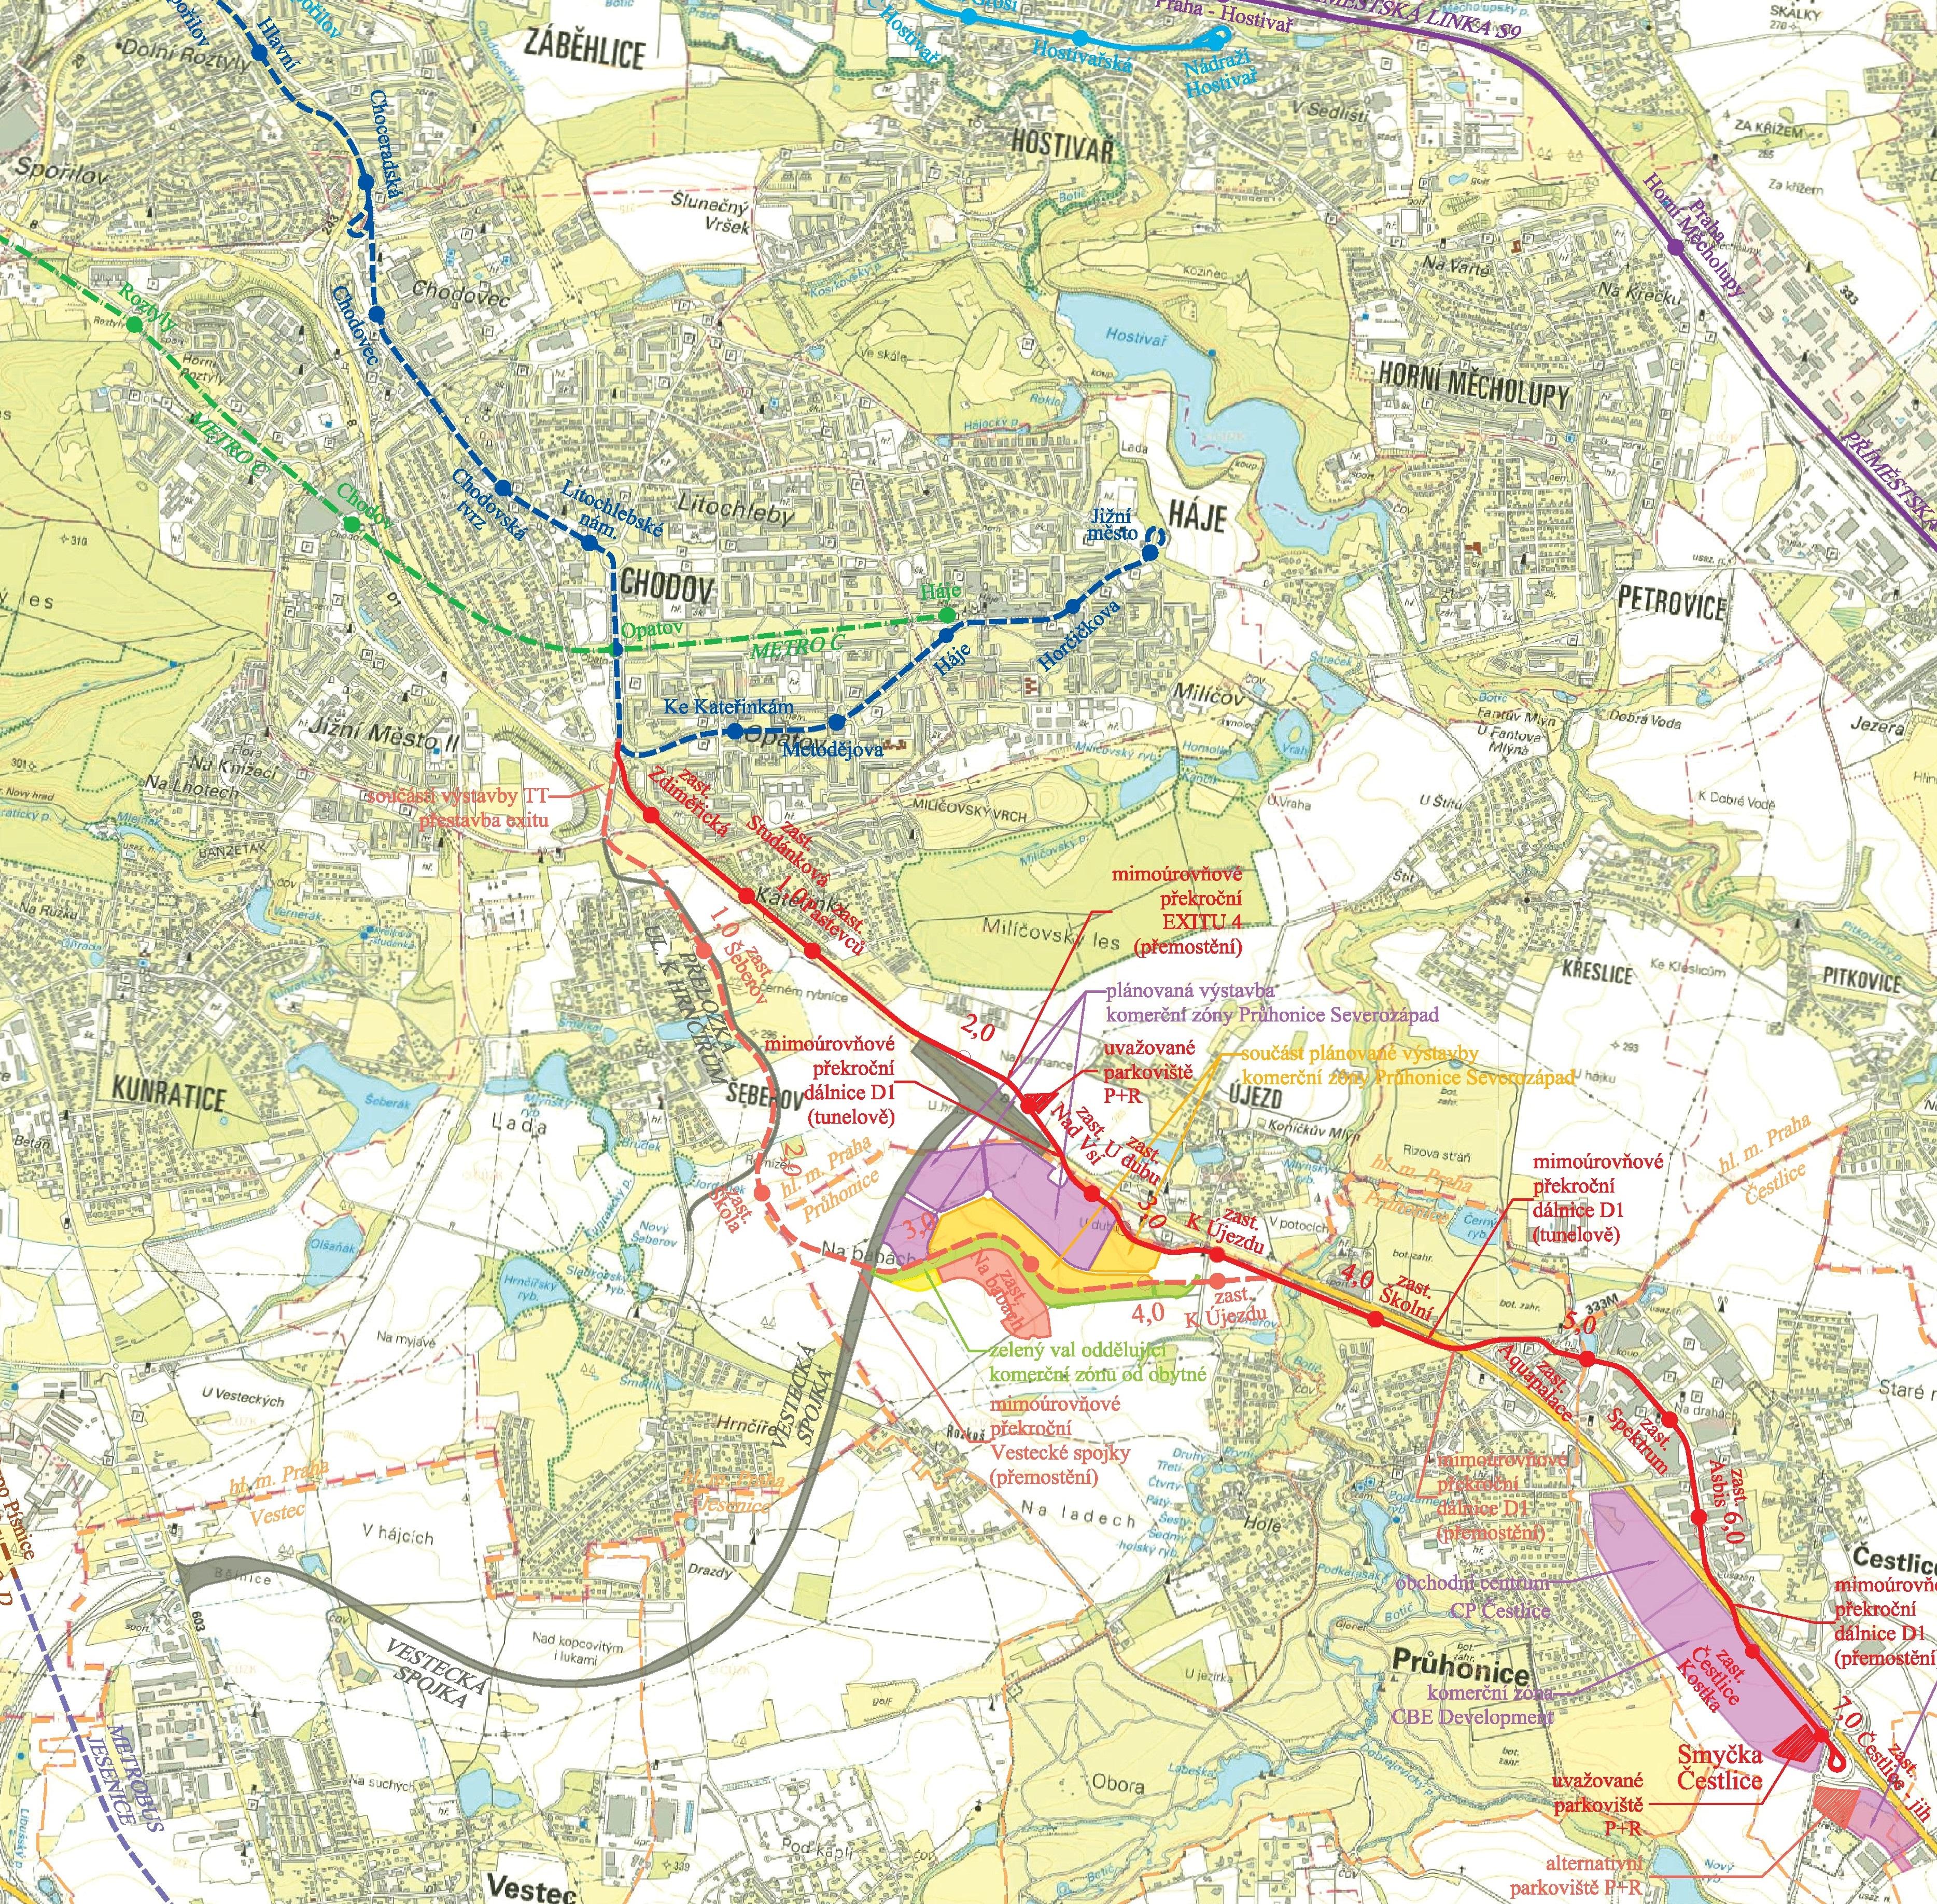 TT Opatov - Čestlice, obrázek se otevře v novém okně